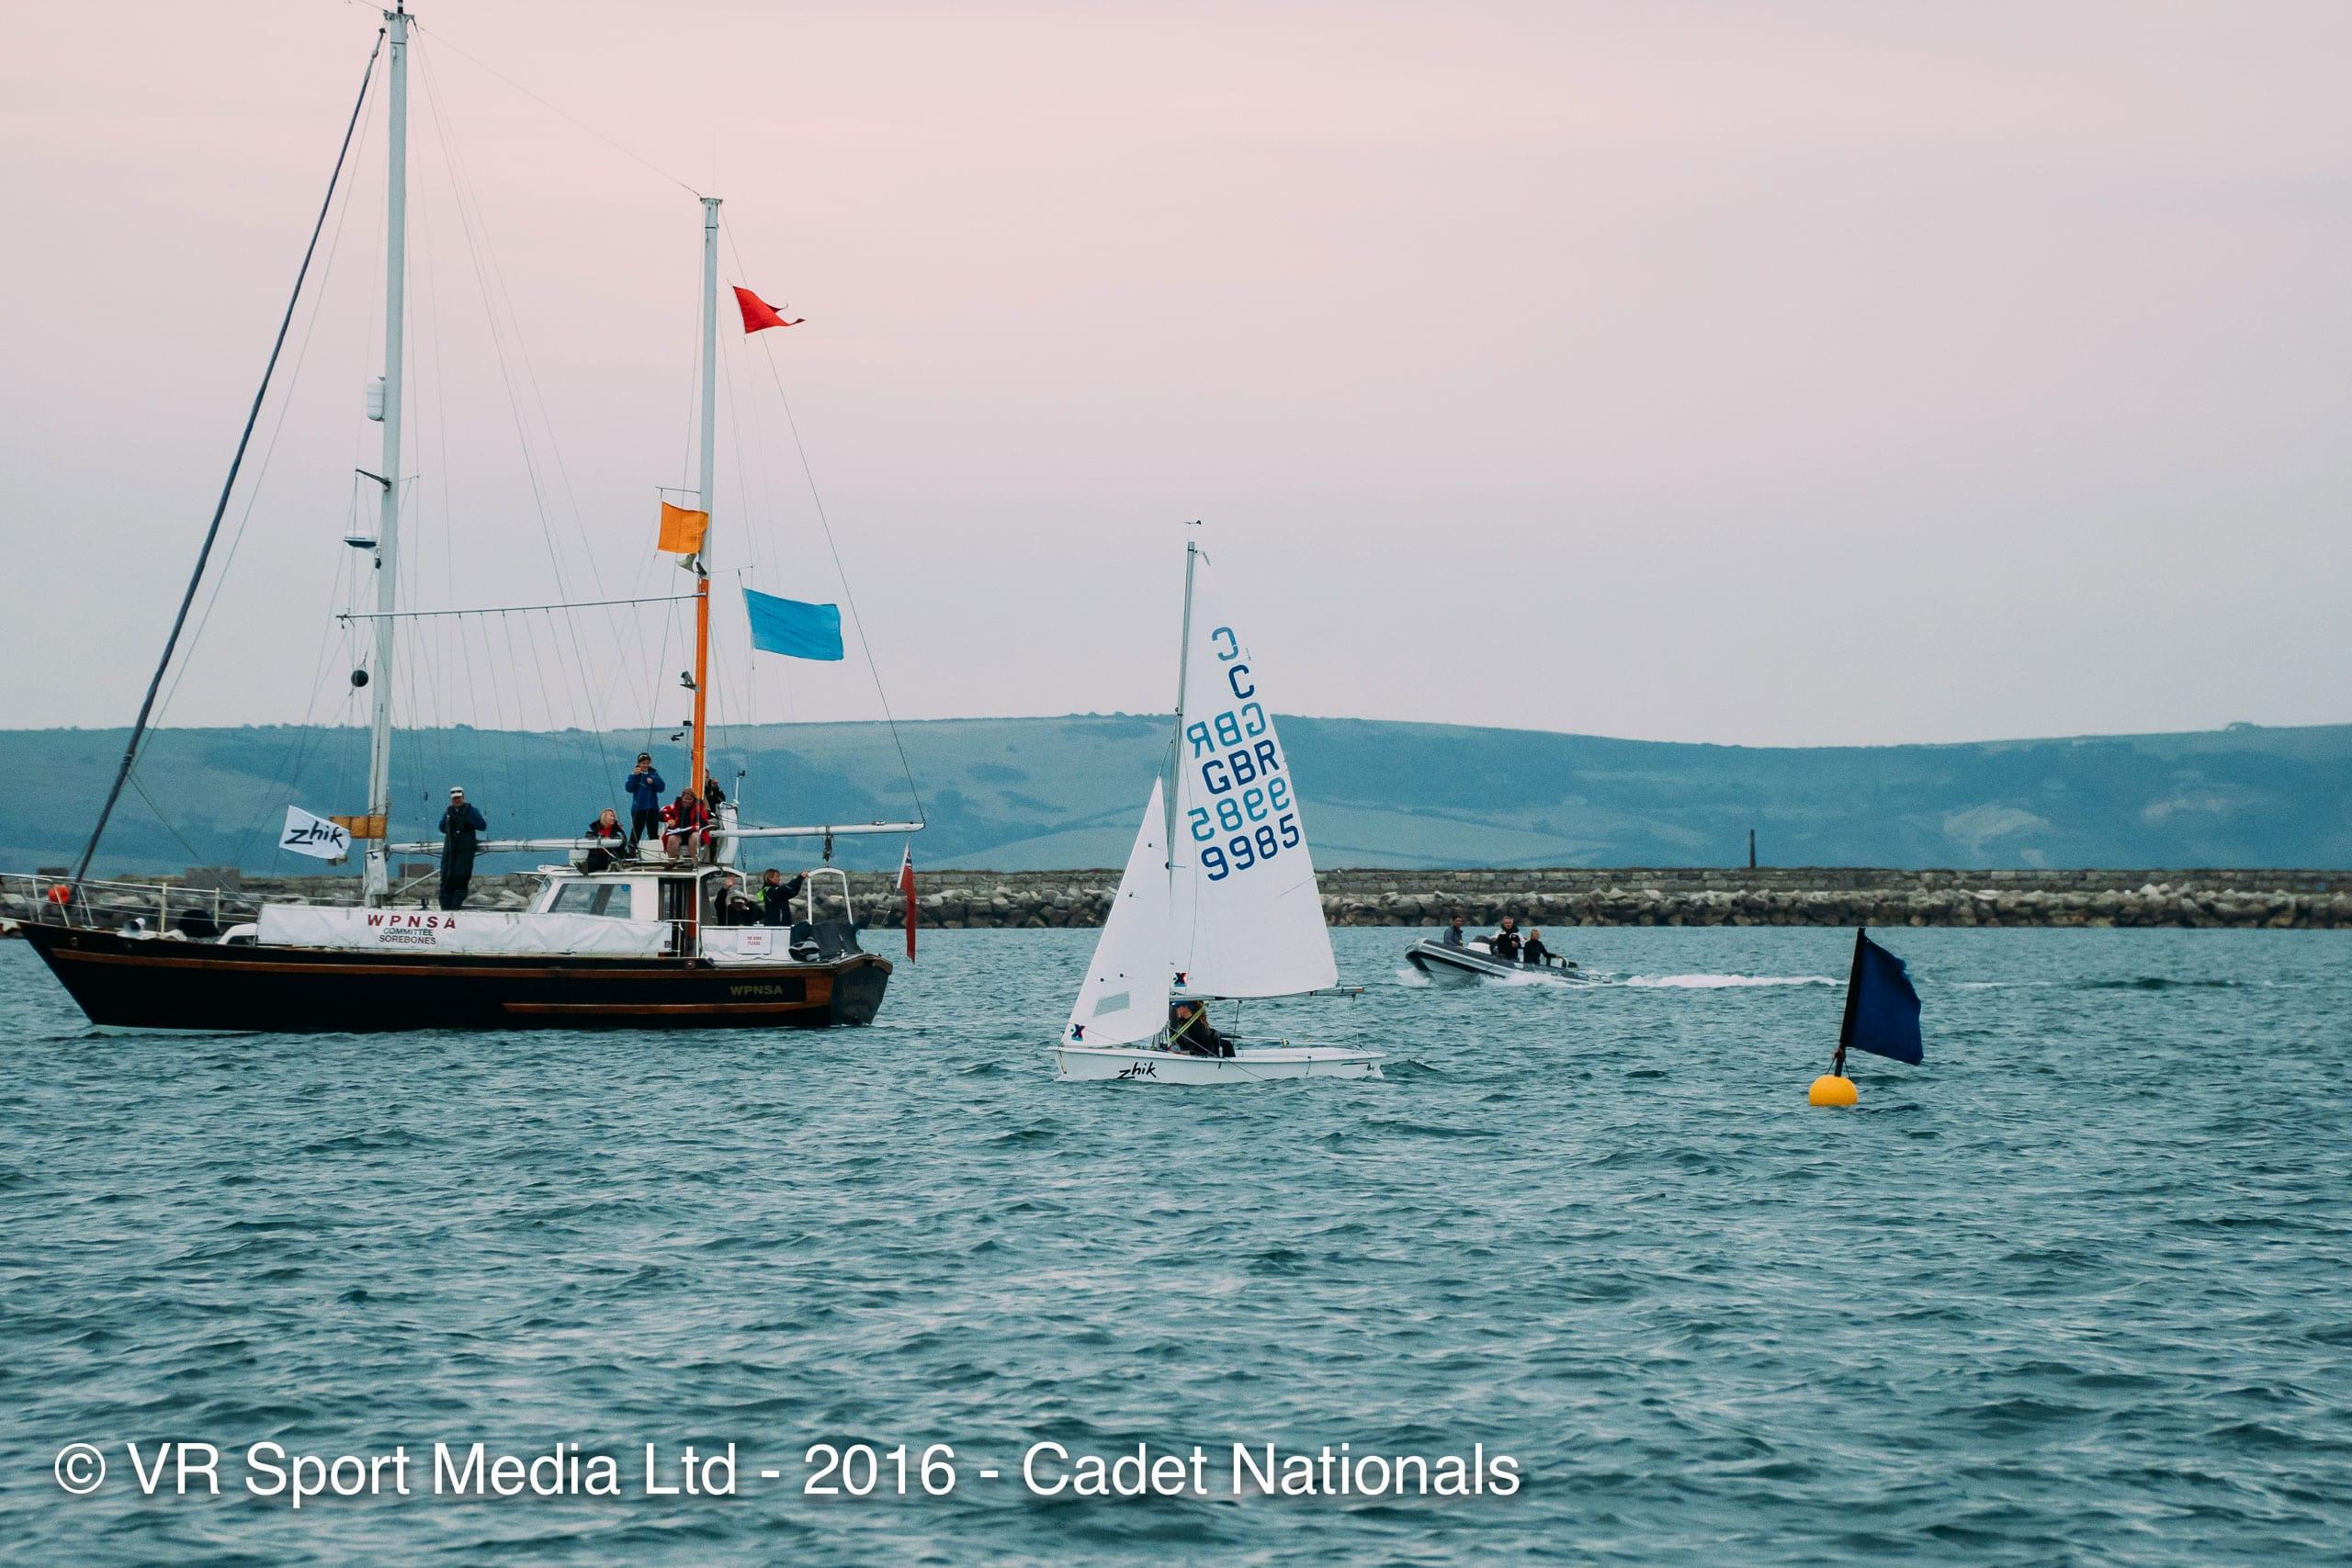 Worlds prep underway at UK Cadet nationals